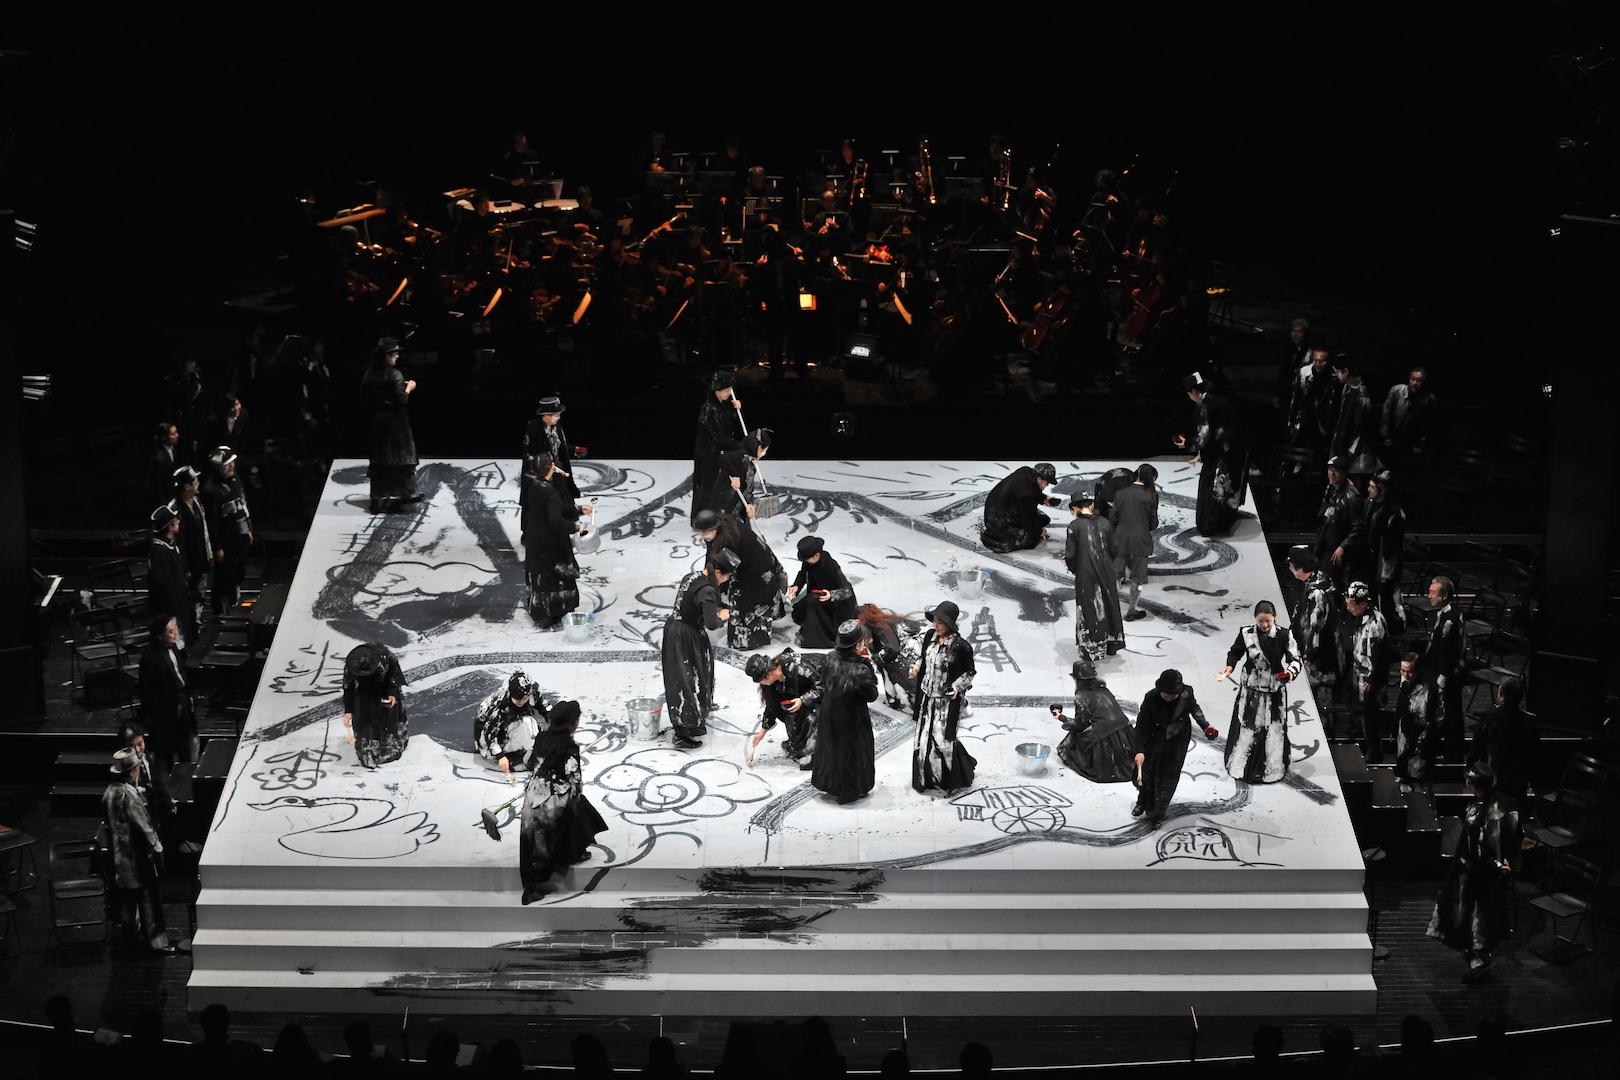 まつもと市民オペラ『魔笛』 撮影:山田毅